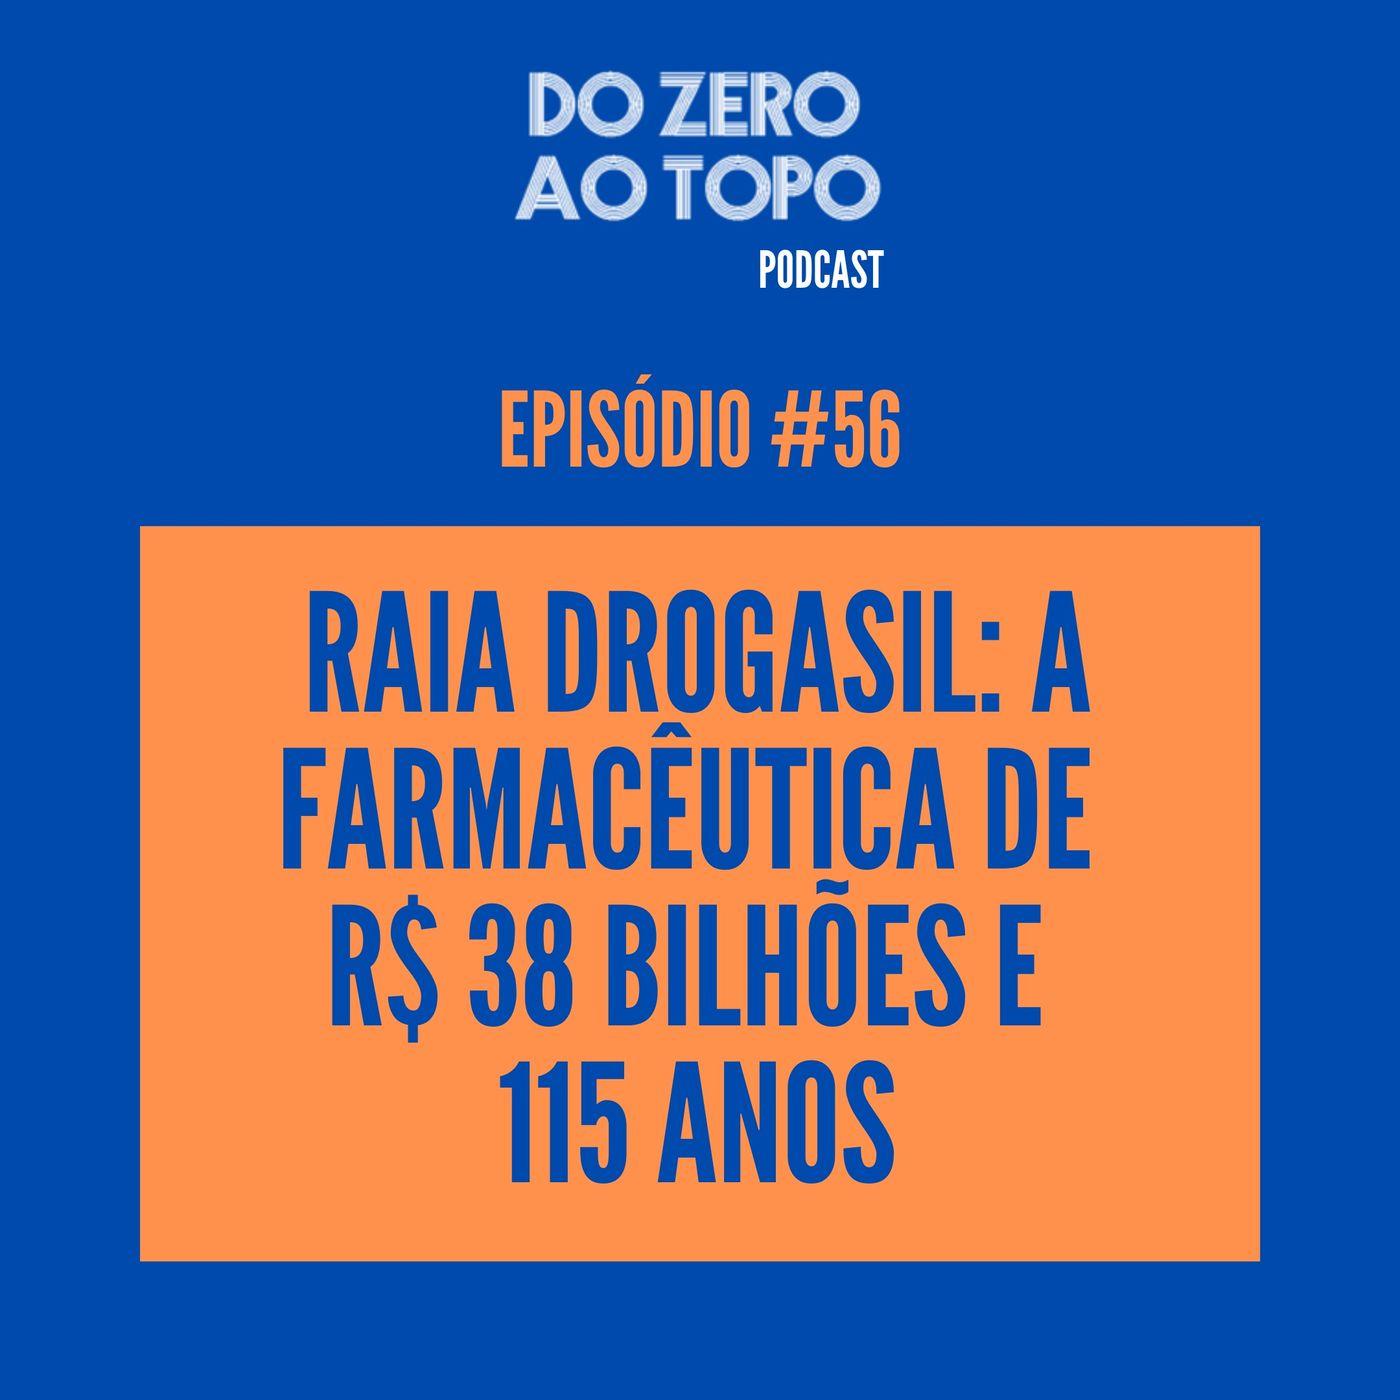 #56 - Raia Drogasil: a farmacêutica R$ 38 bilhões e 115 anos